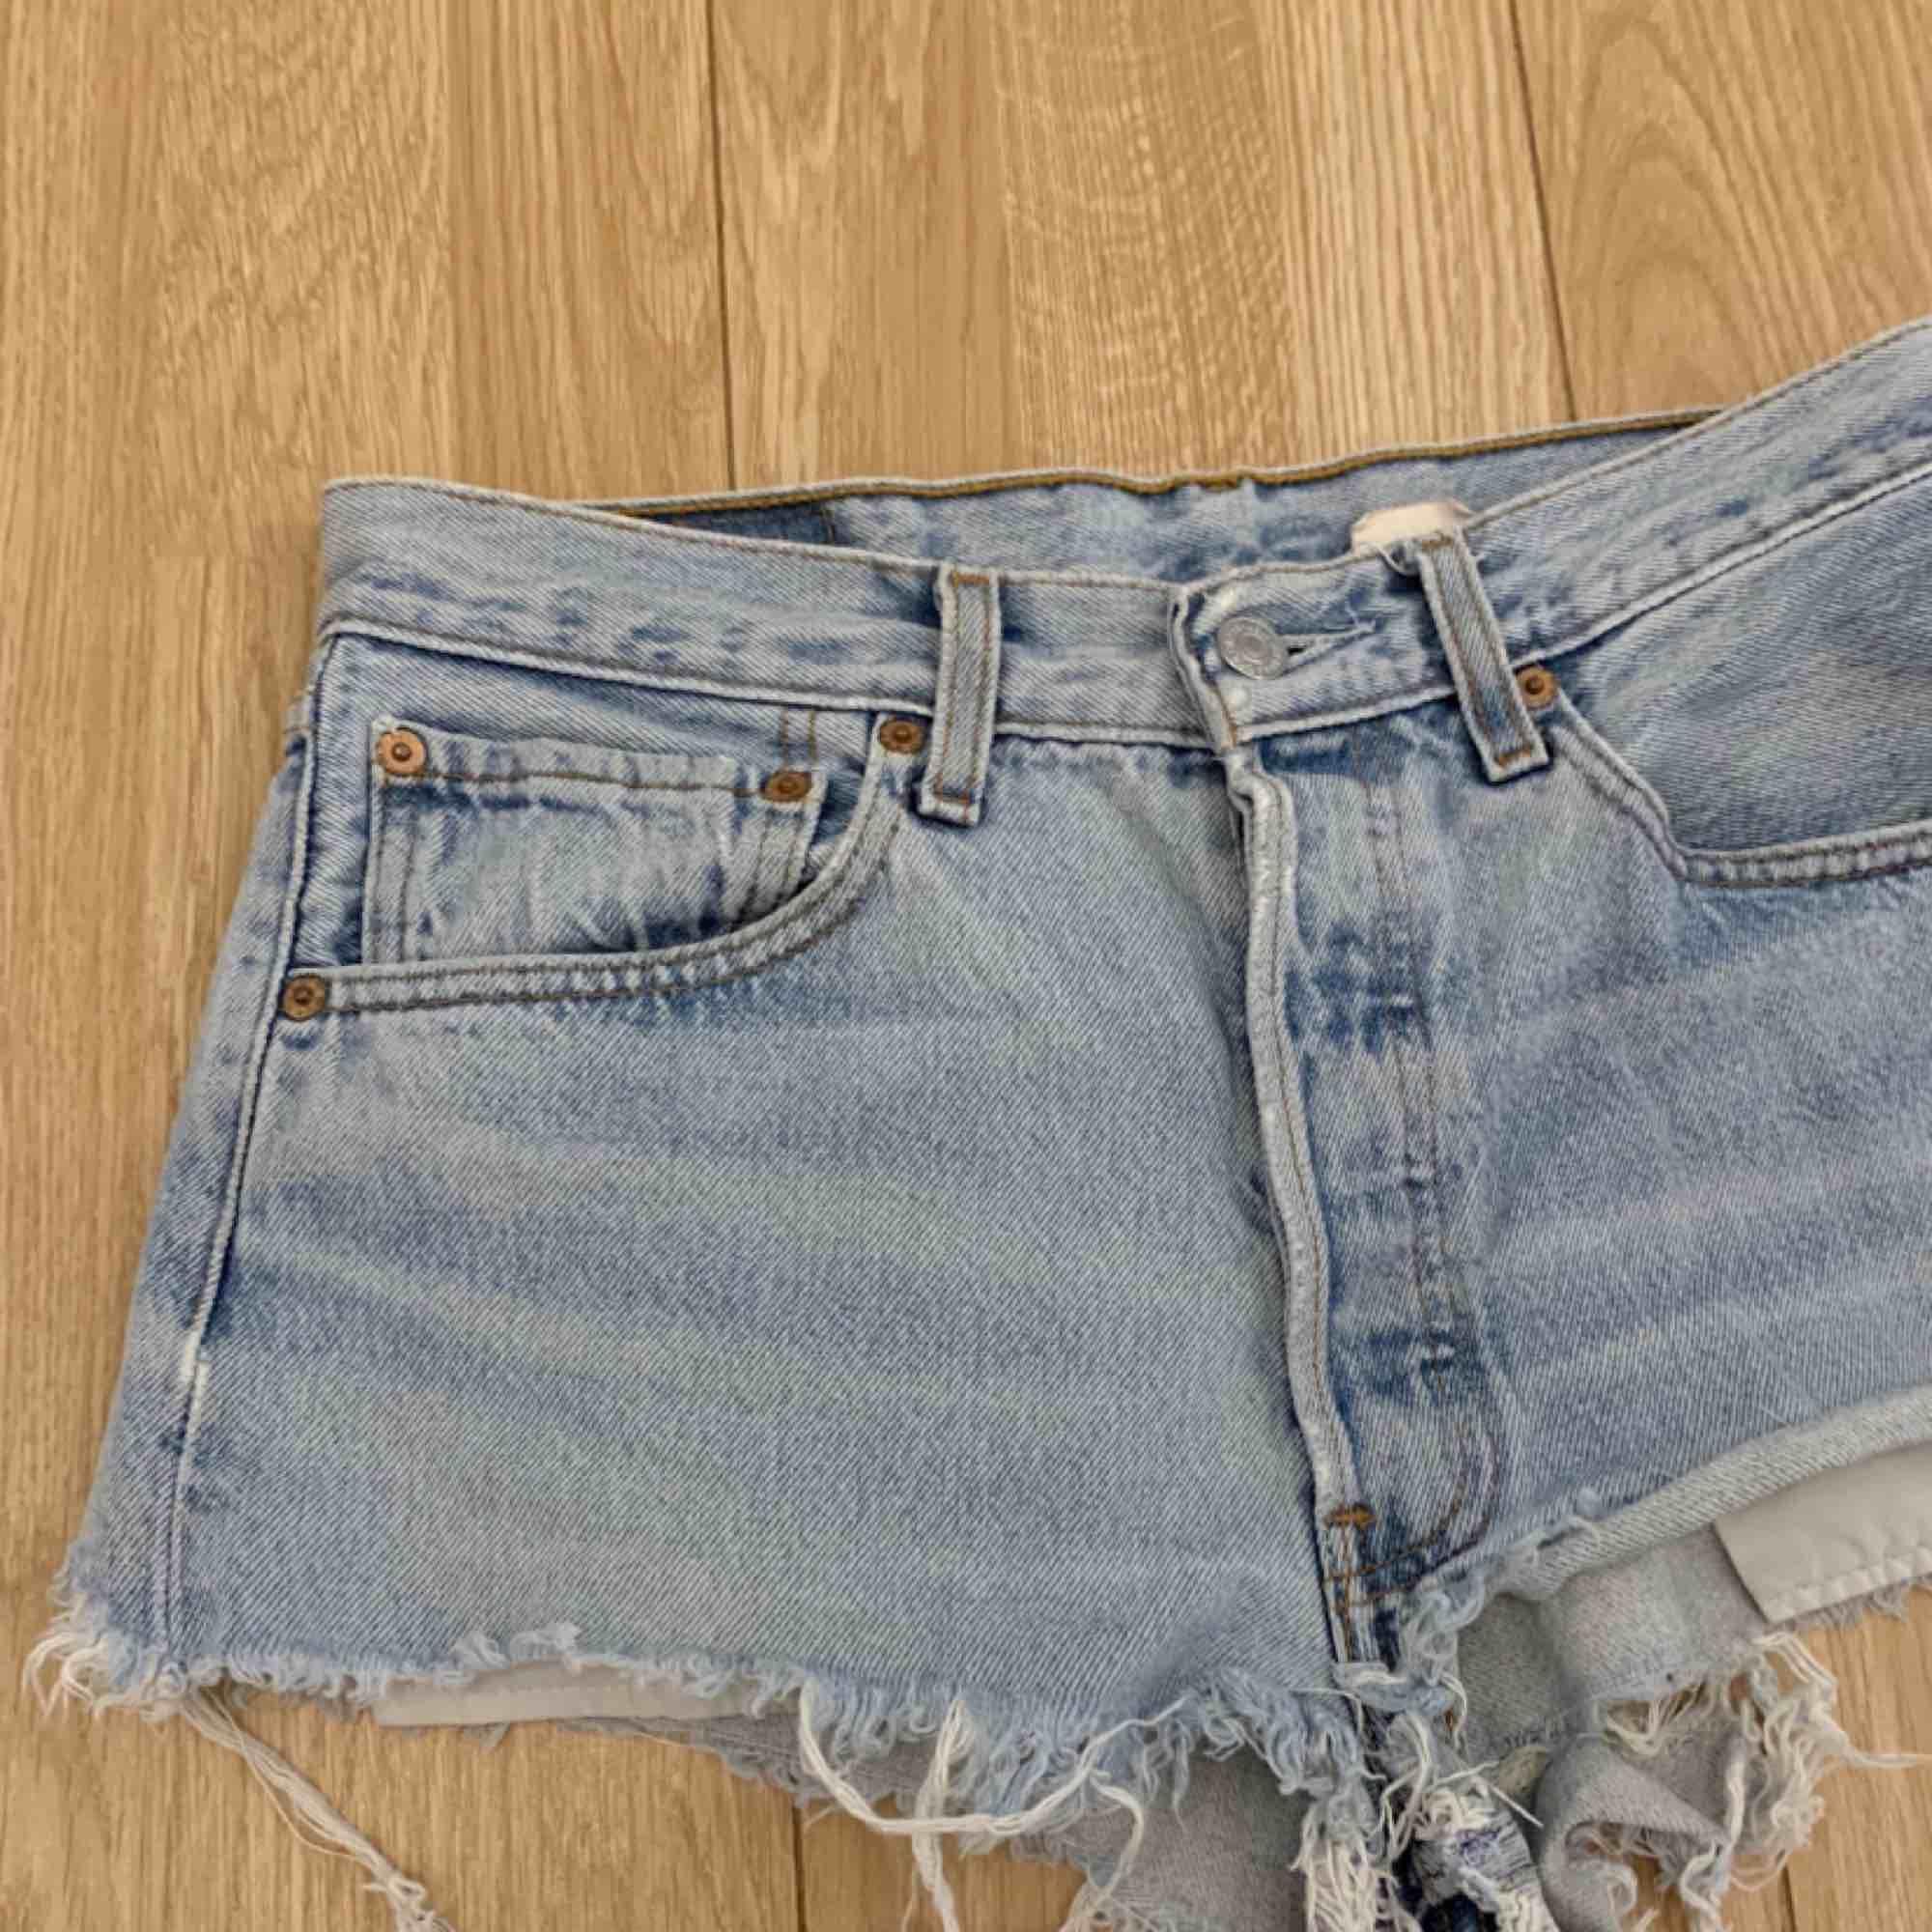 Snygga ljusblå Levi Shorts, passar en storlek S. Frakt kostar 55kr extra, postar med videobevis/bildbevis. Jag garanterar en snabb pålitlig affär!✨ ✖️Fraktar endast✖️ . Shorts.